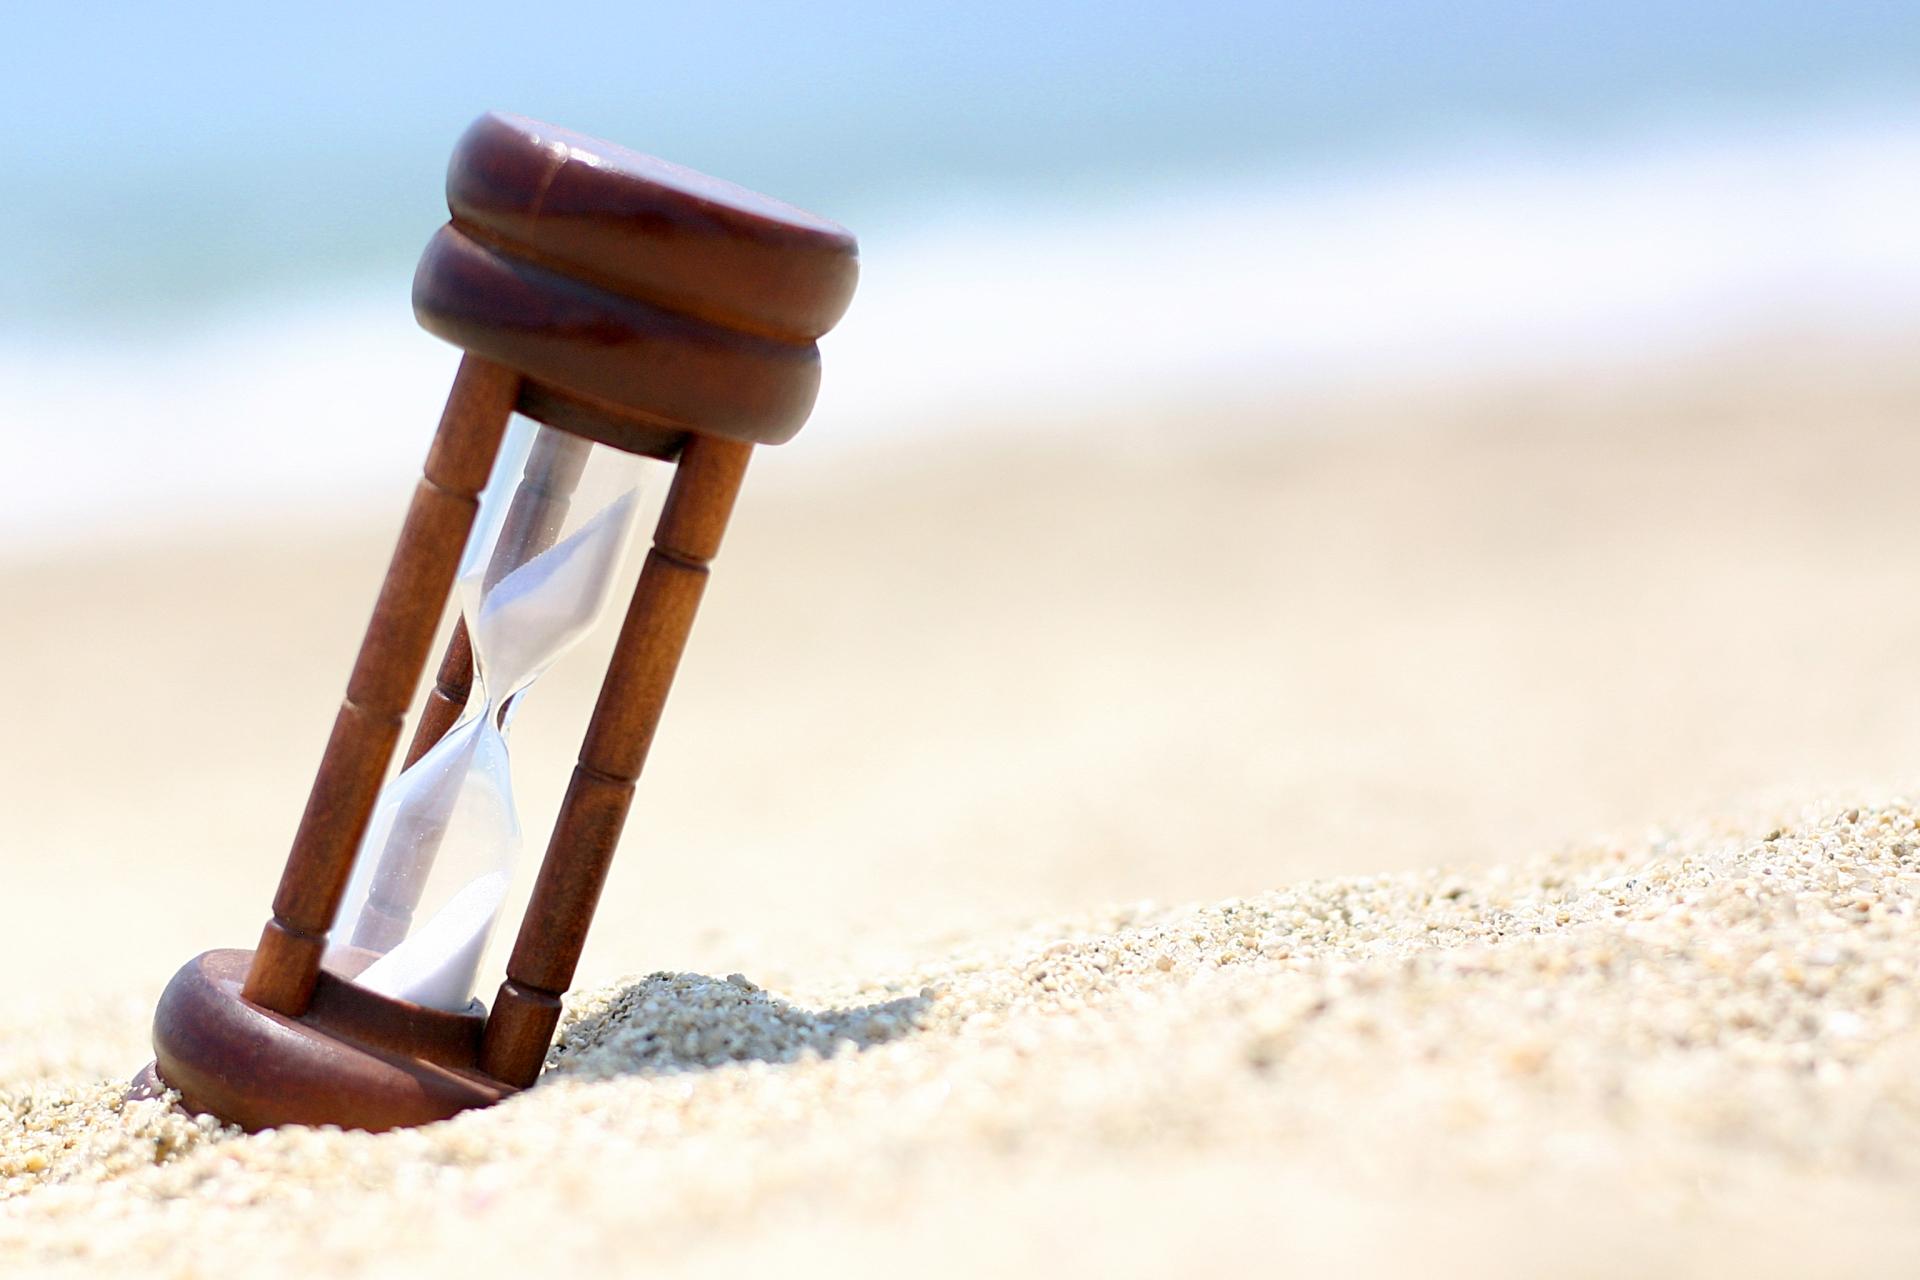 砂時計の画像です。